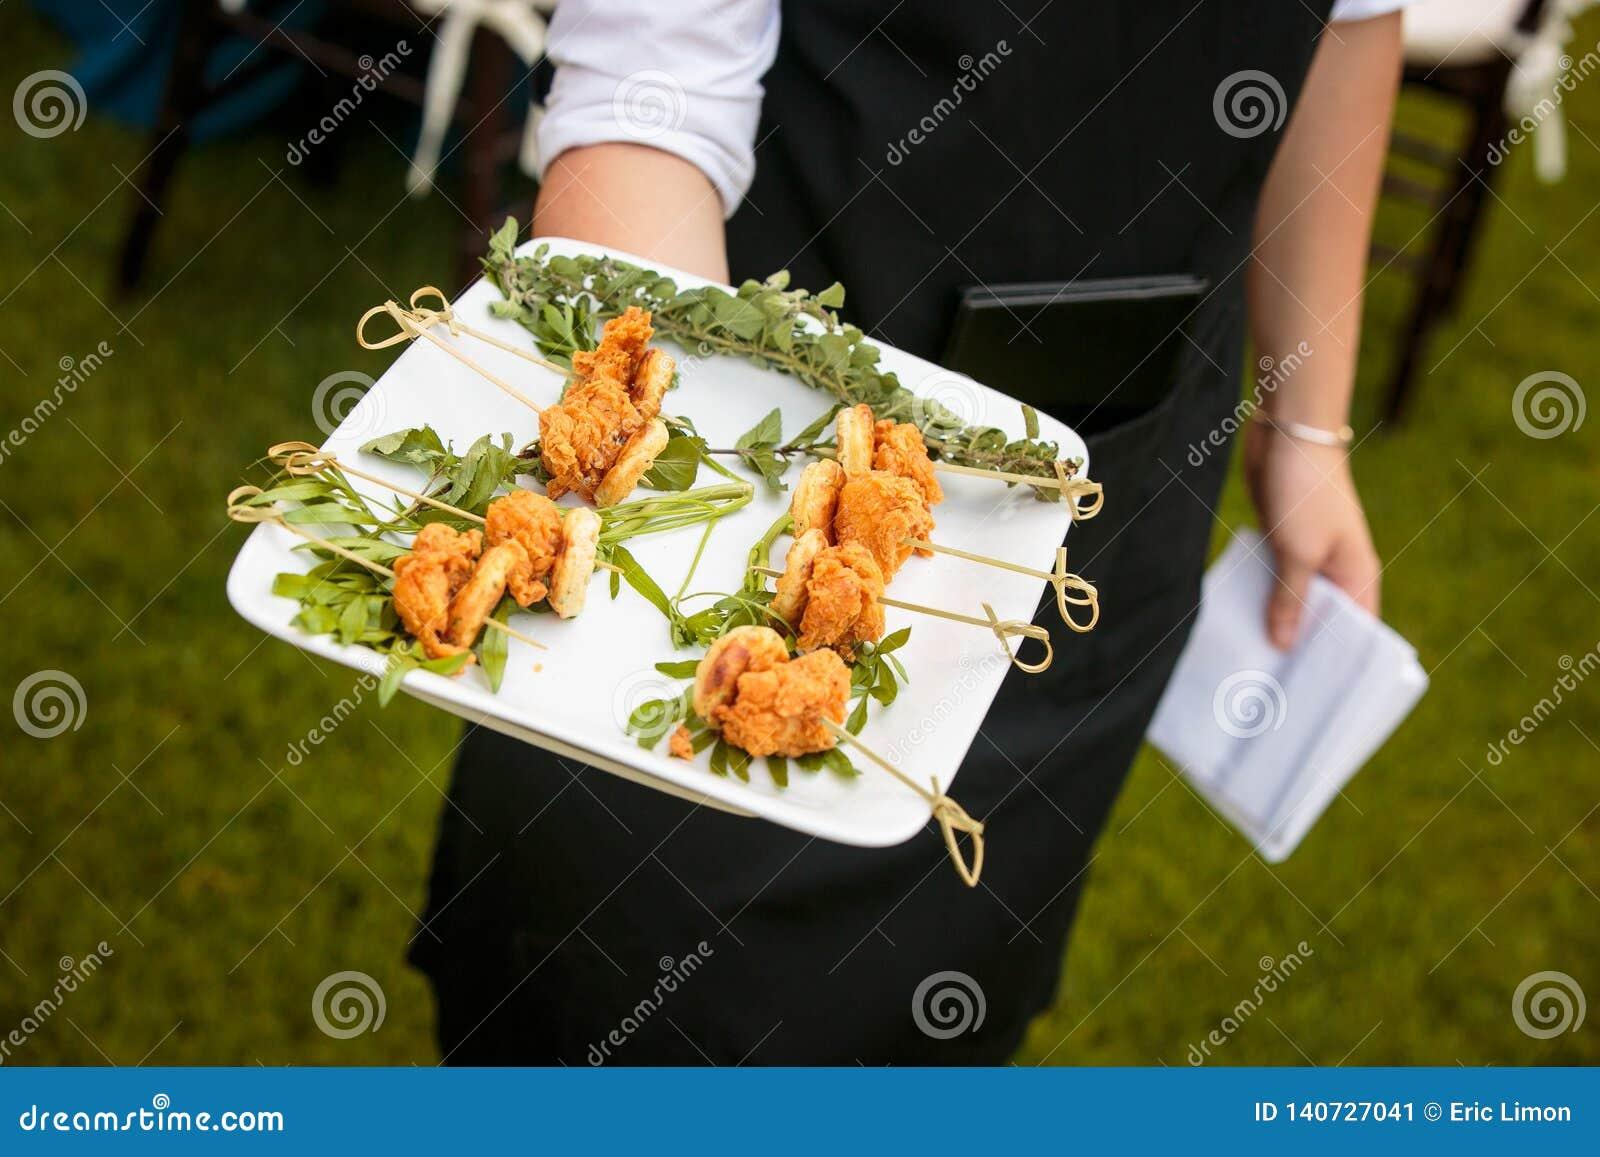 Un serveur tenant un plat de mini poulet frit et gaufres - épouser la série de restauration